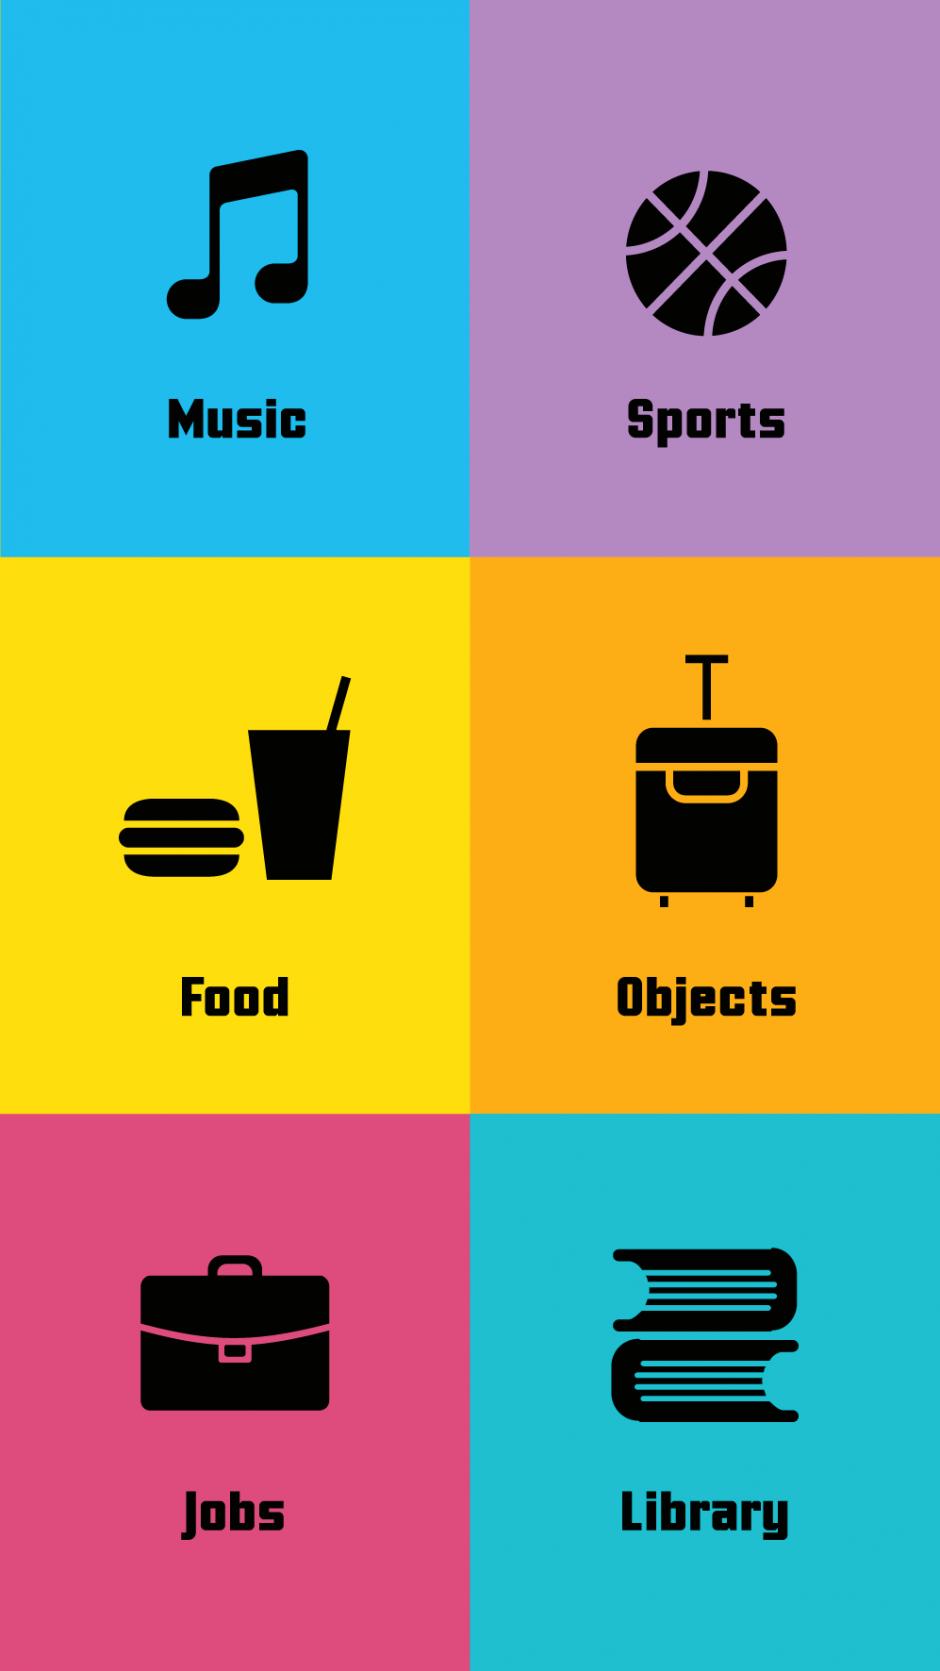 So macht Vokabellernen Spaß – die App Speak it up setzt auf bunte Kacheln, einfache Pikto- gramme und Gamification-Elemente